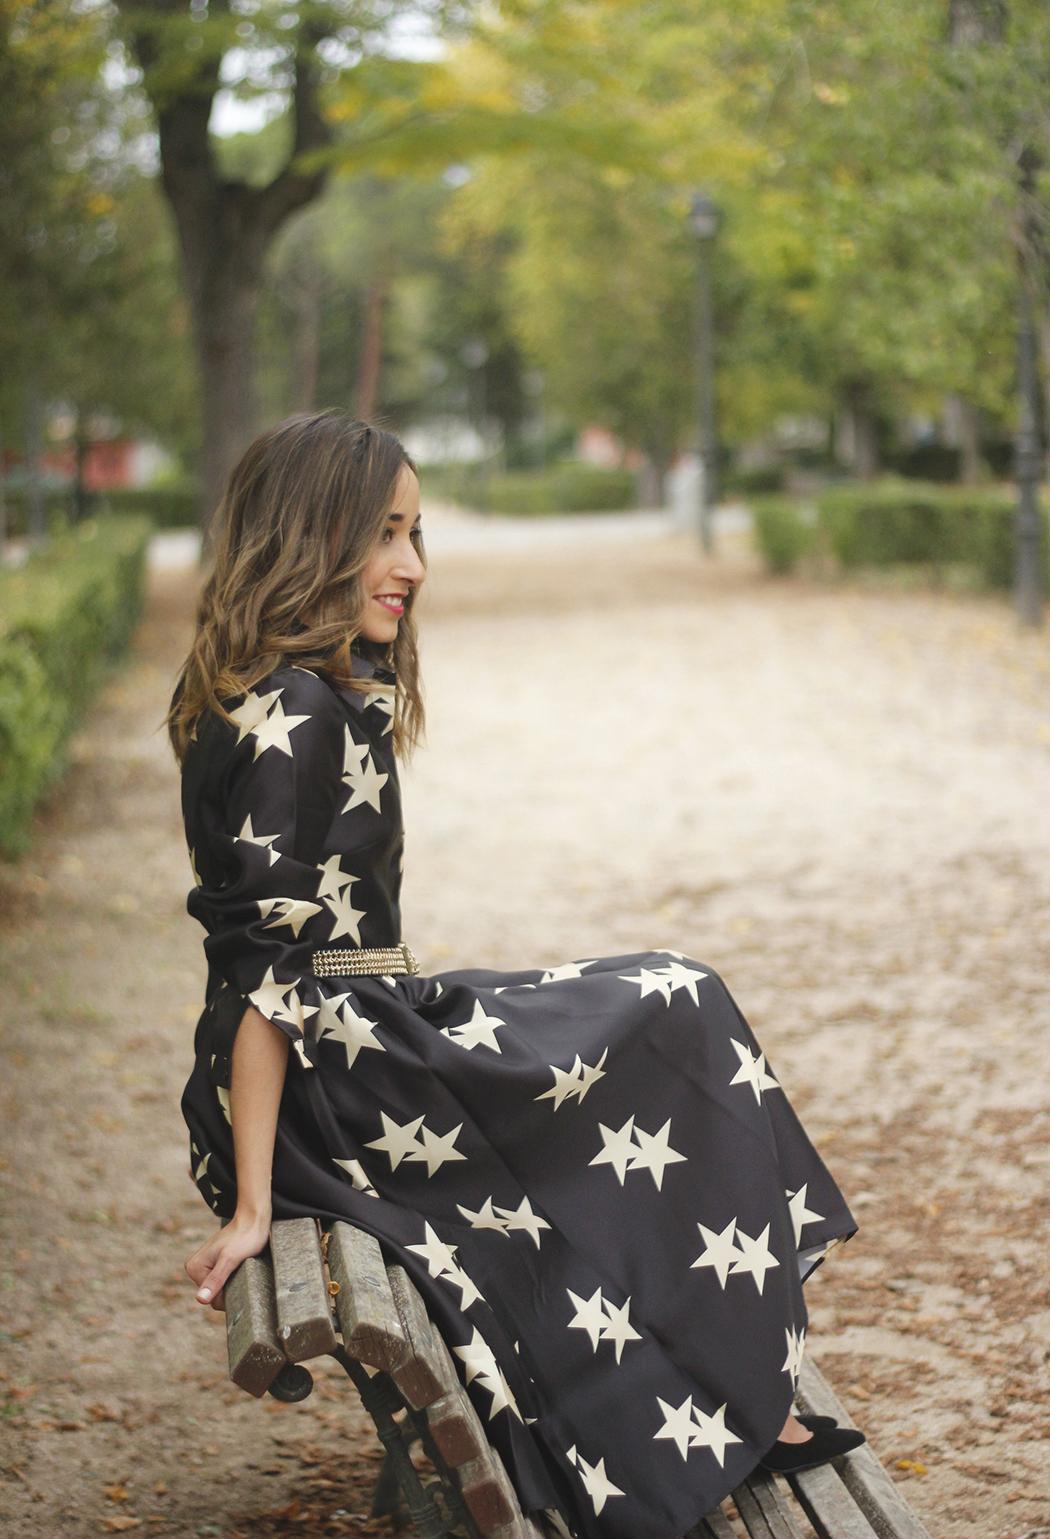 Star Print Dress sunnies heels outfit21